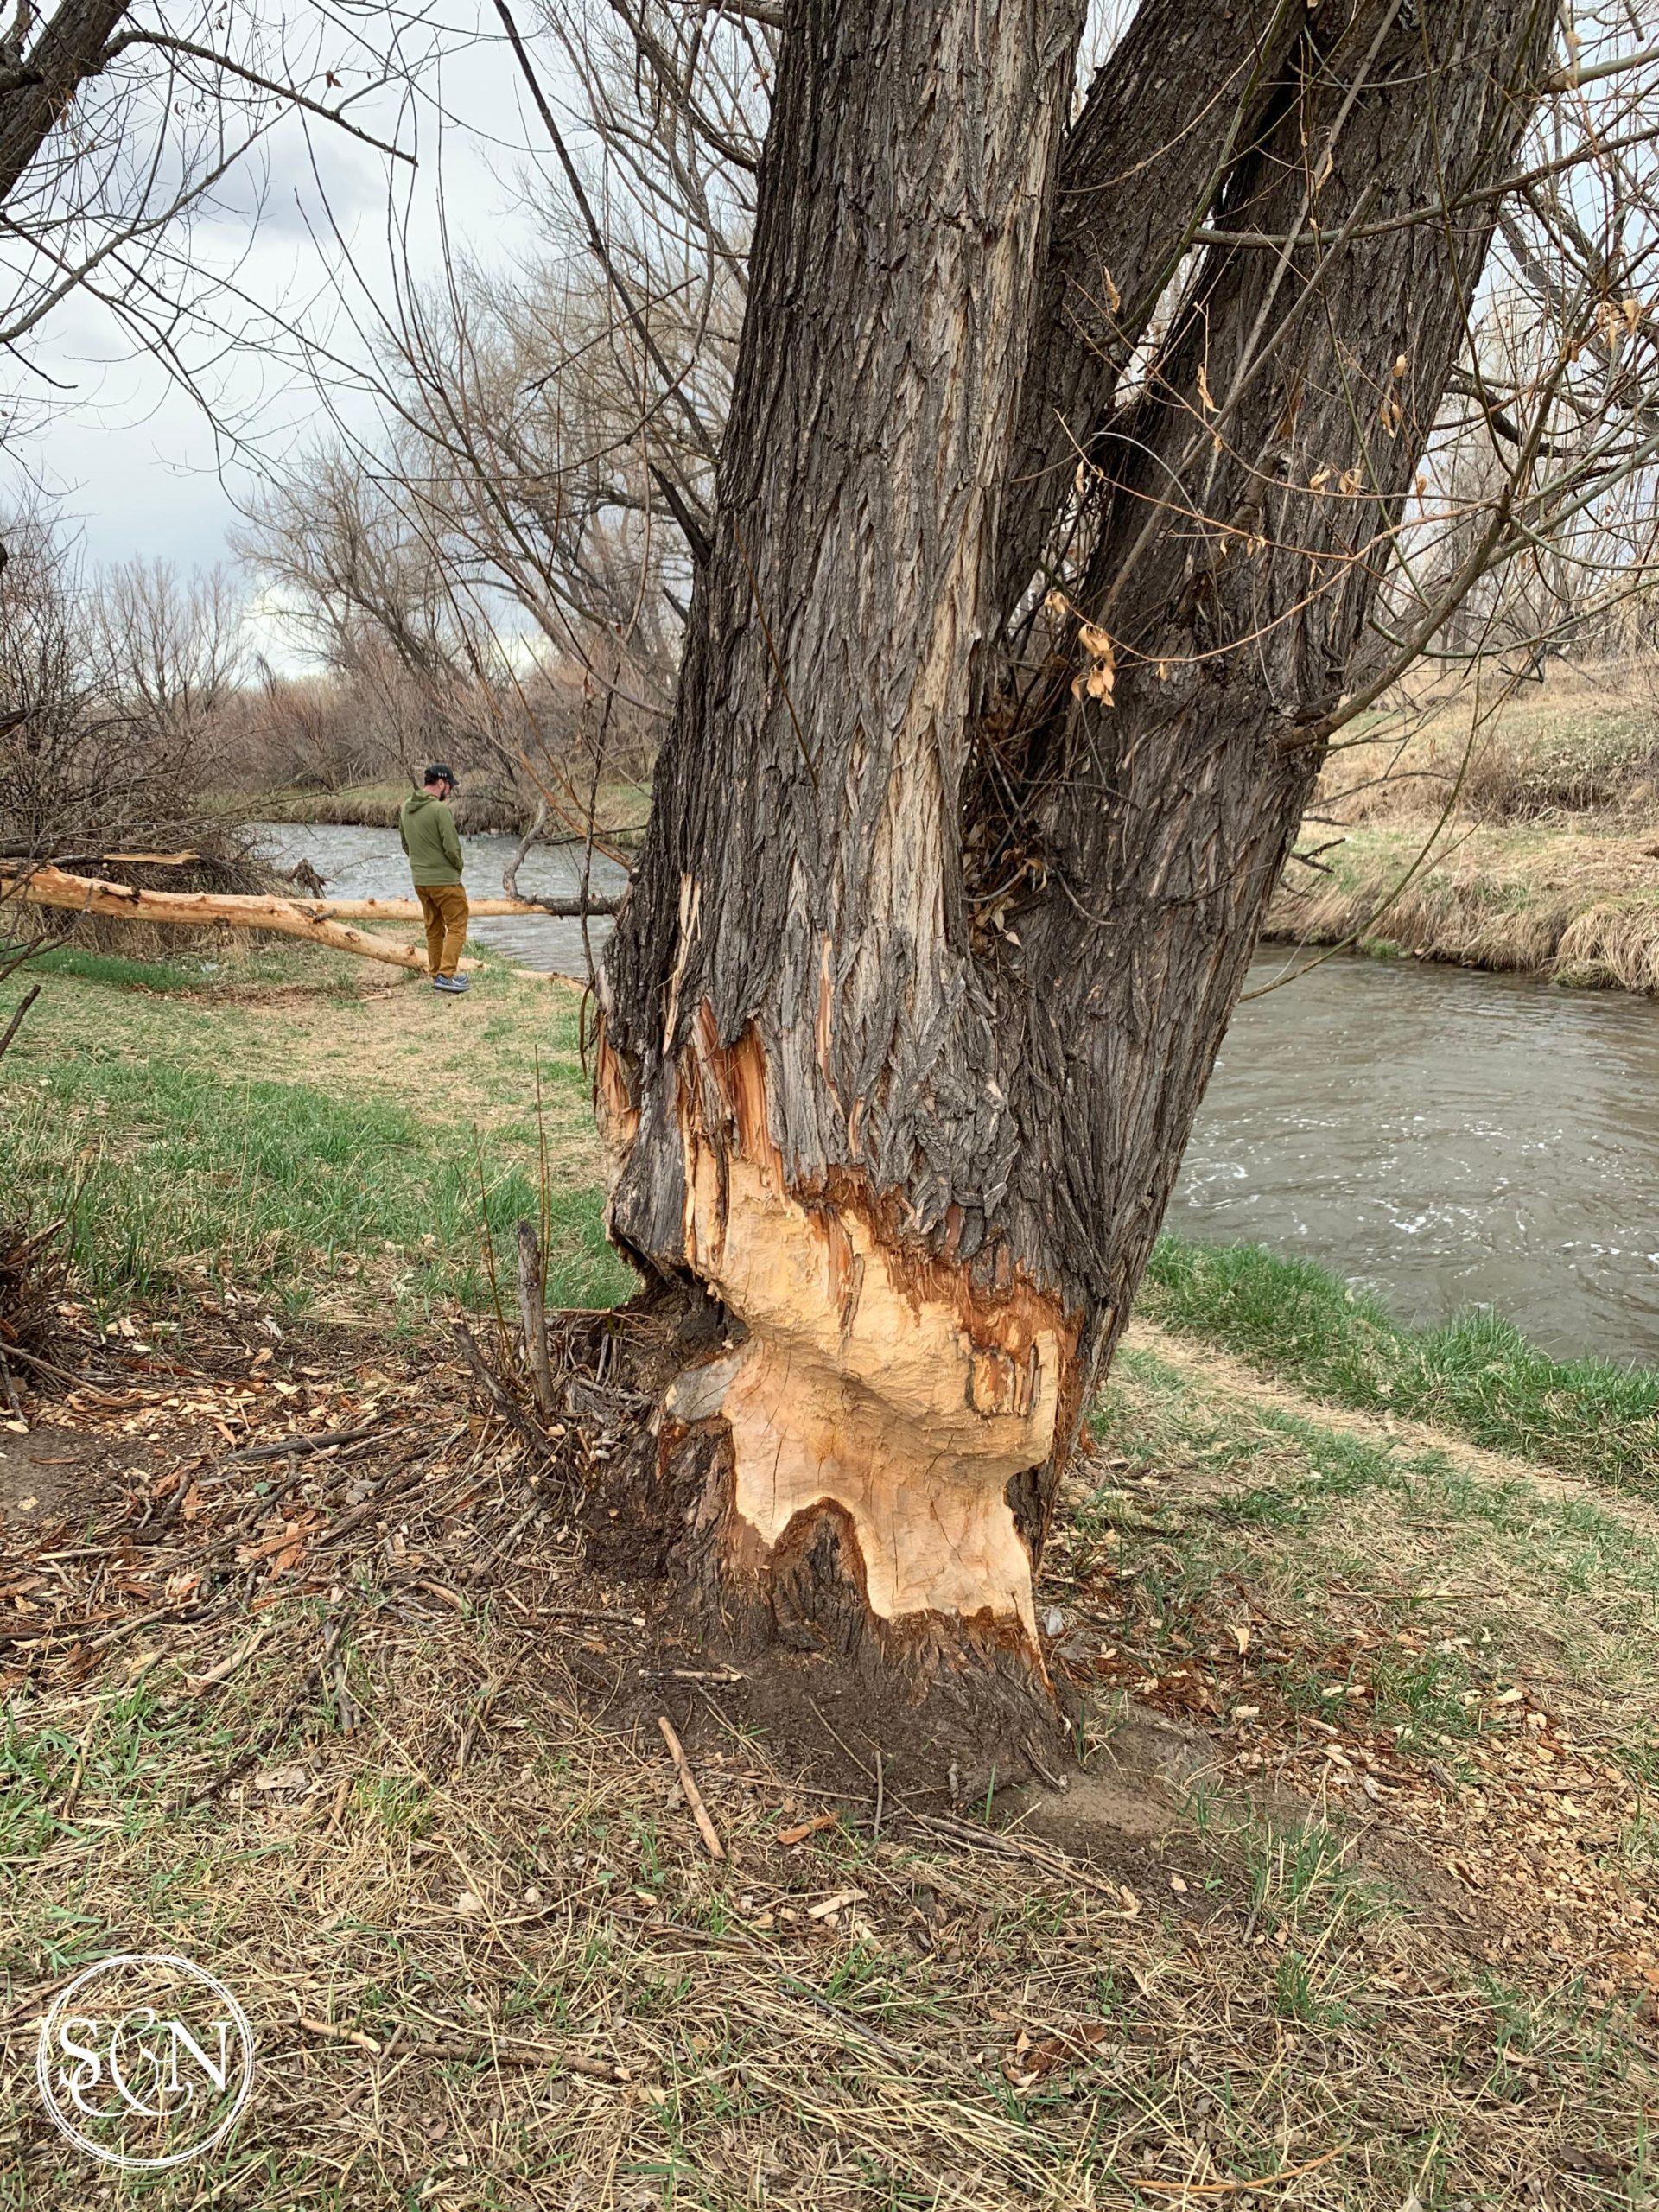 Beaver-eaten tree